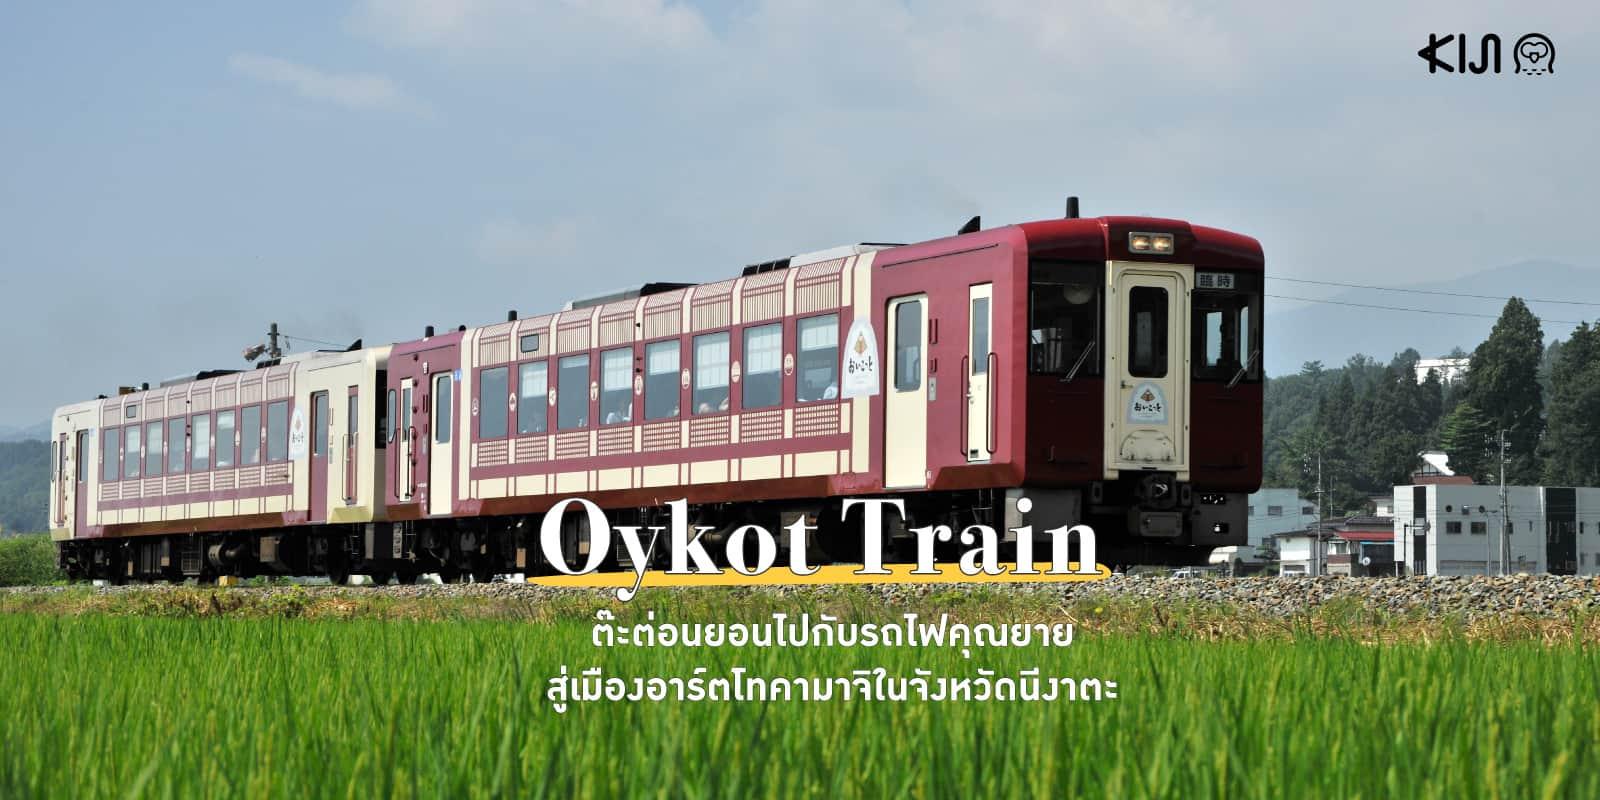 เที่ยวนีงาตะ ด้วยรถไฟ Oykot Train